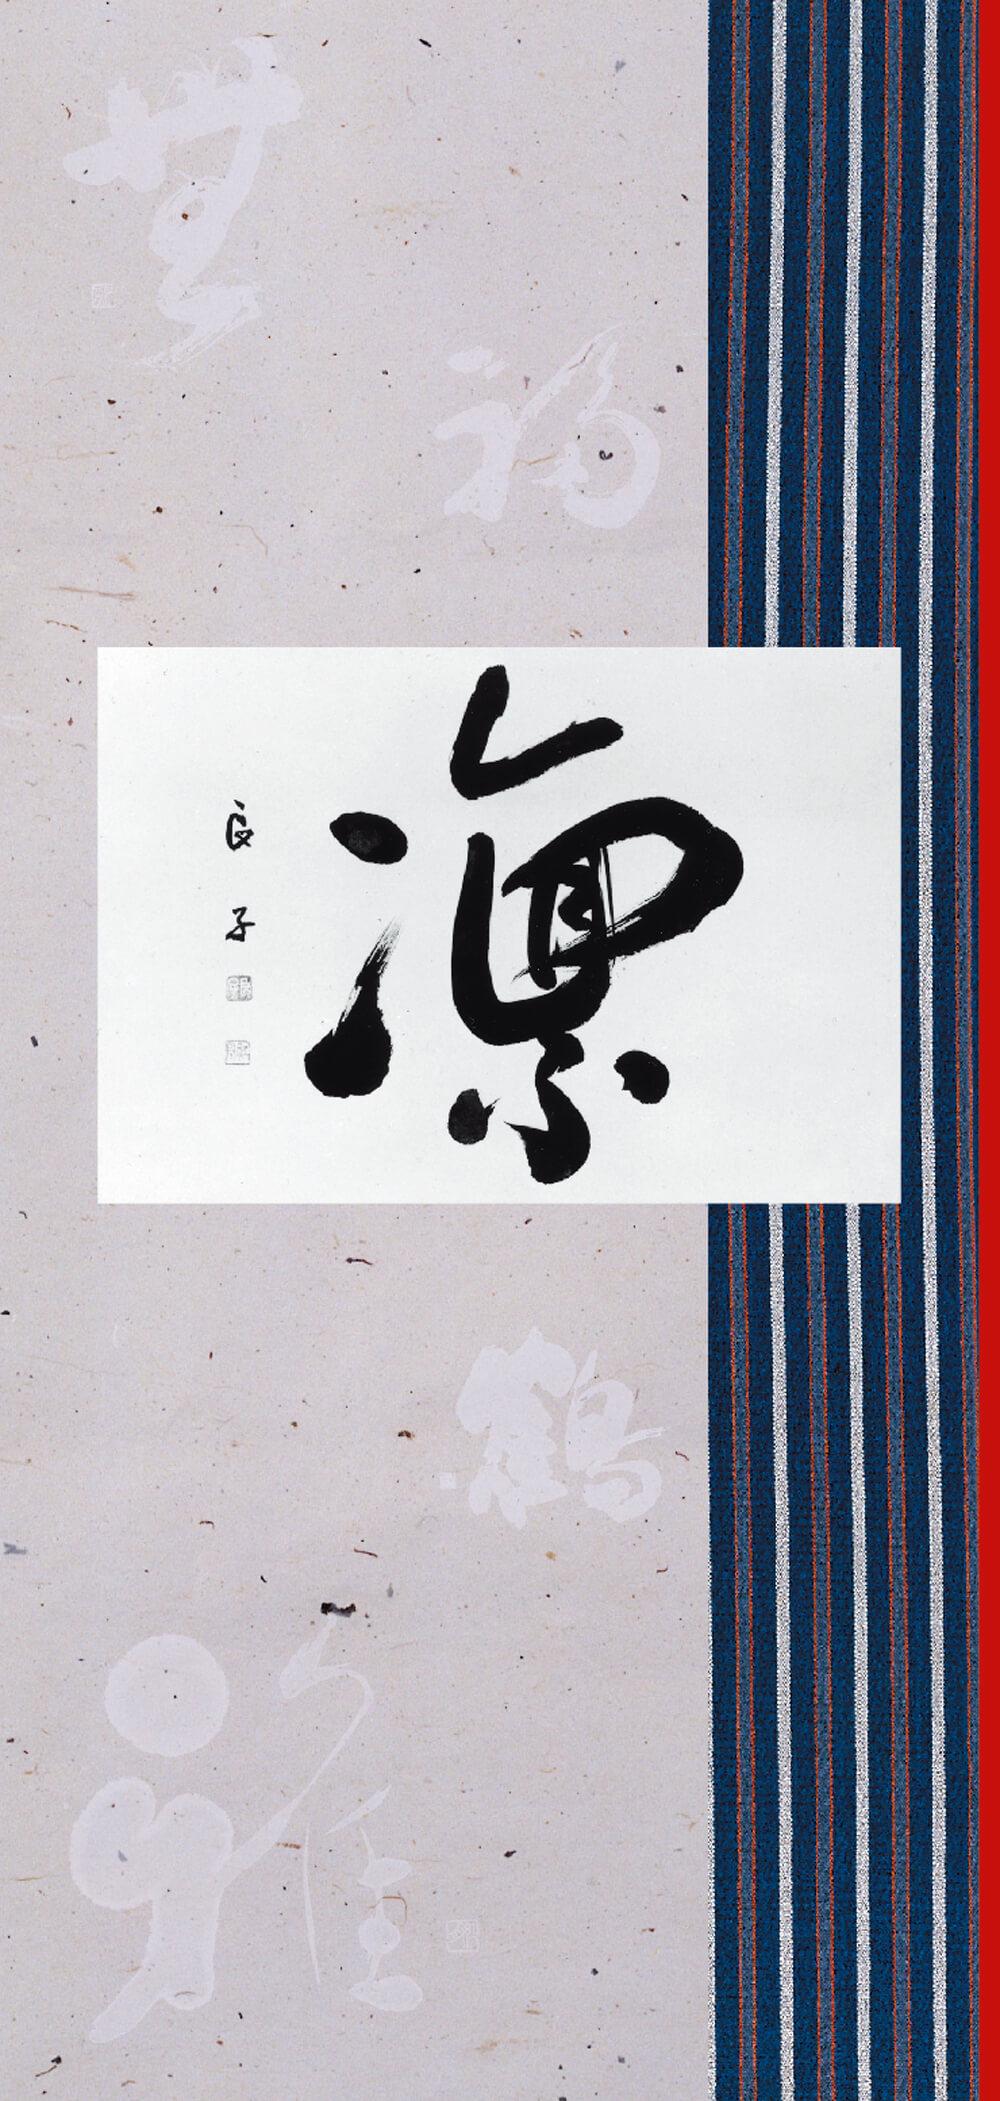 2008年4月15日から開催の「光玄開廊10周年記念 佐久間 良子 展 —書に遊ぶ—」のDM画像01